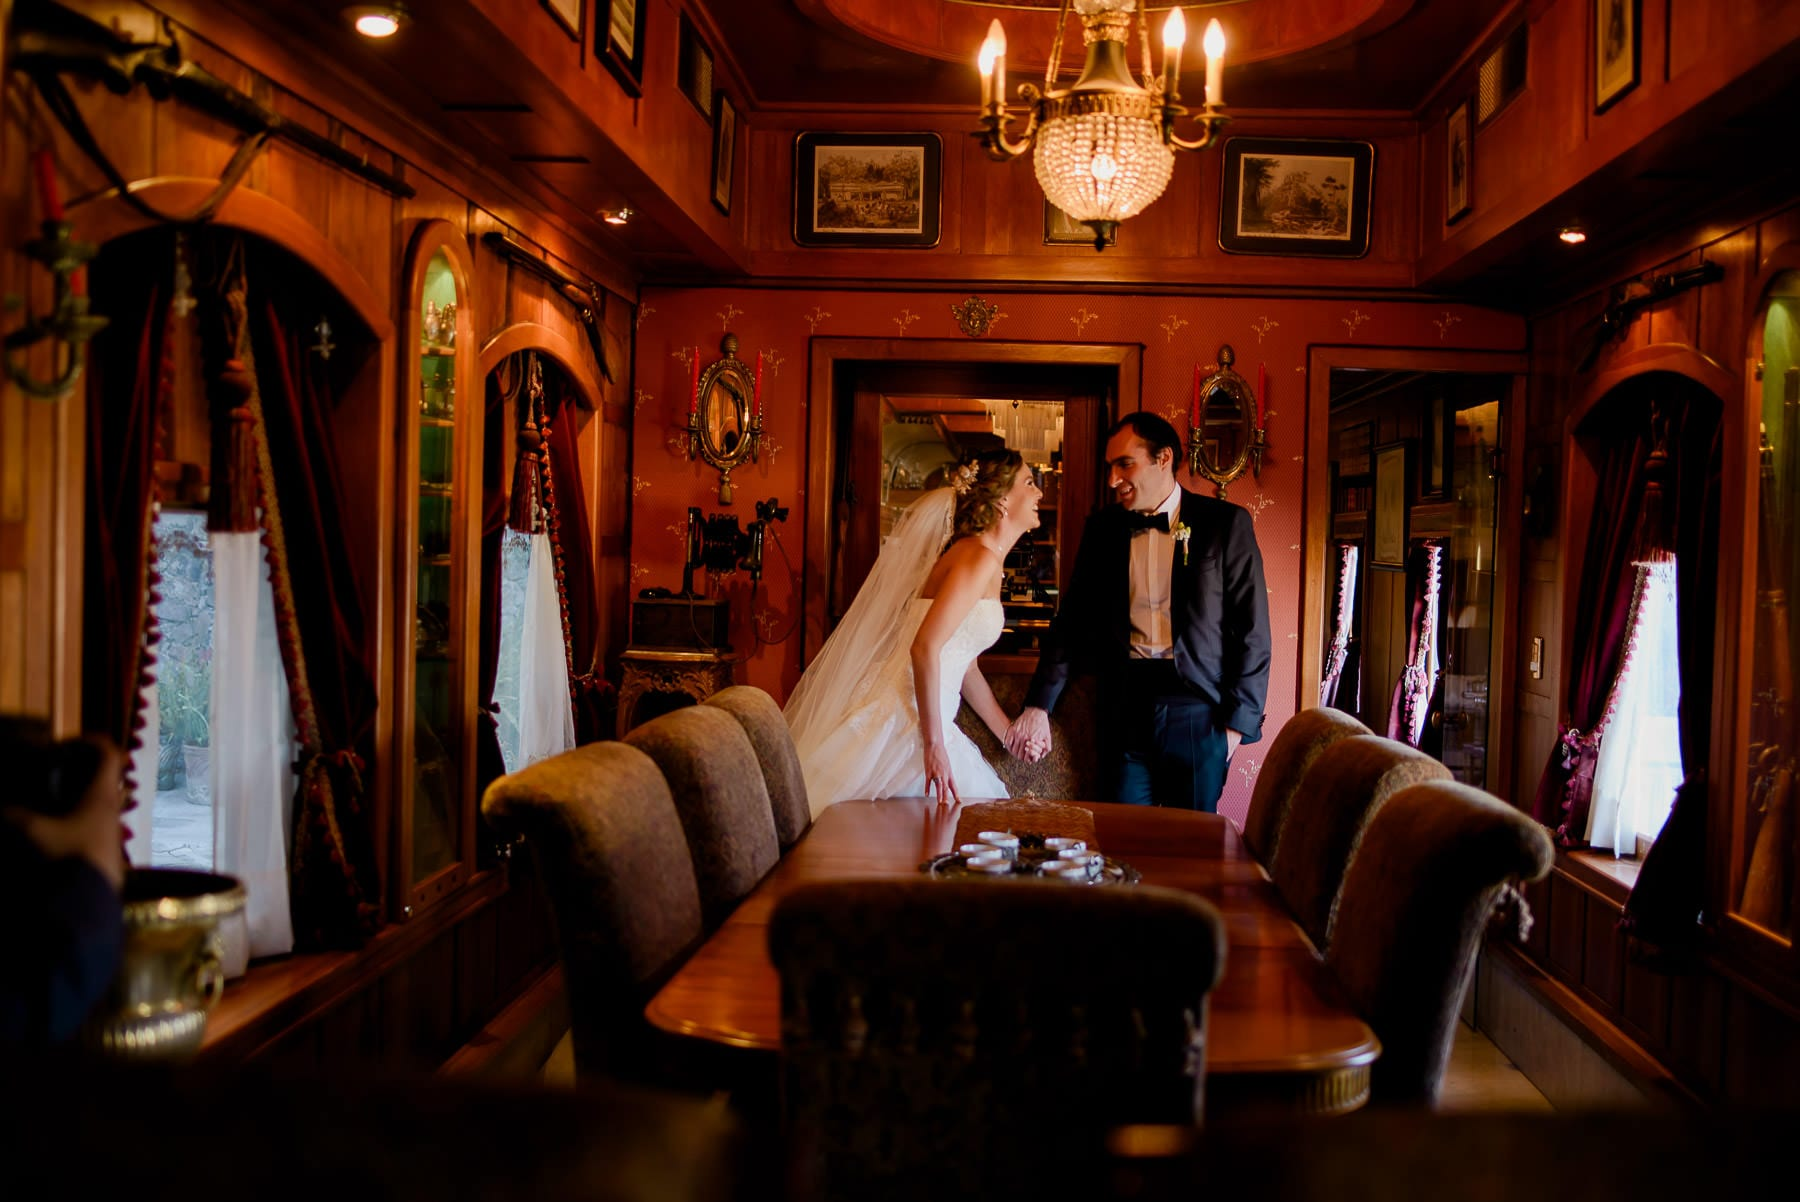 fotografo-de-bodas-en-queretaro-23